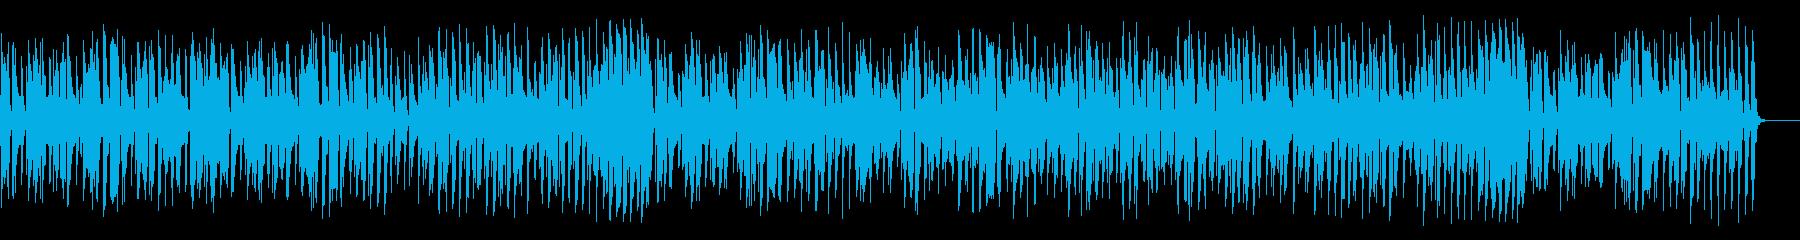 アコーディオンが陽気なジャズの再生済みの波形